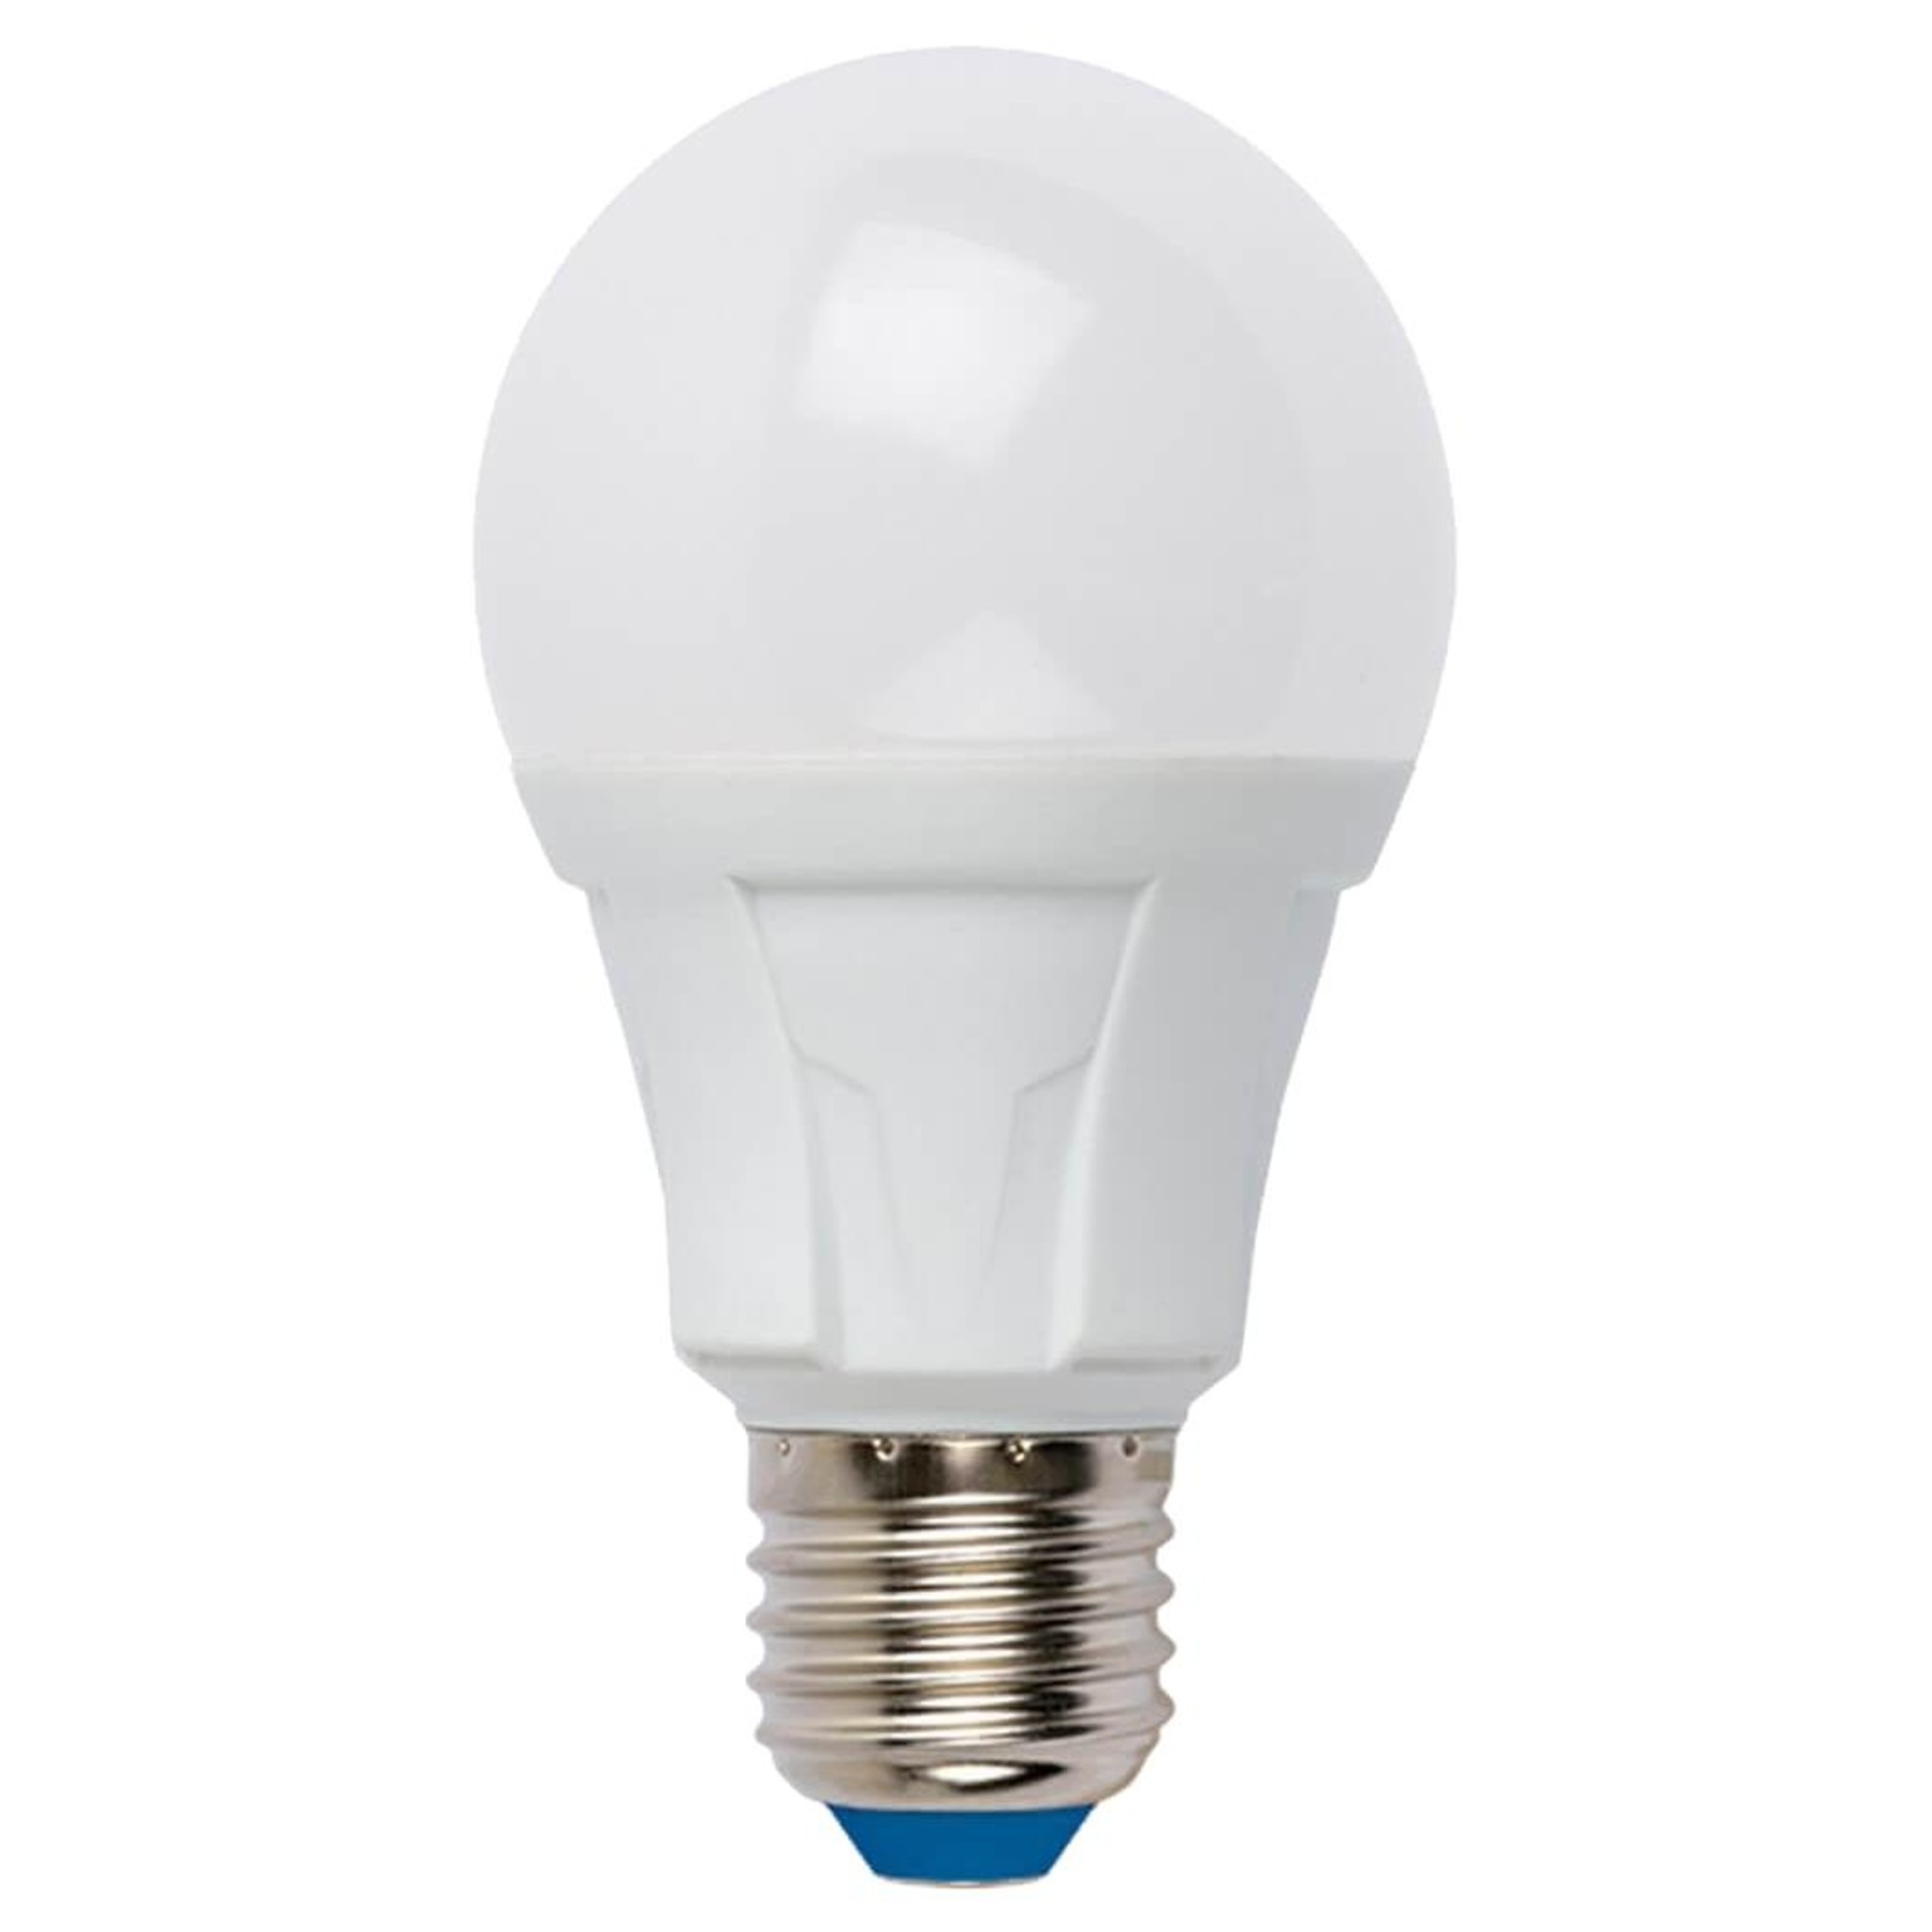 Лампа светодиодная Uniel Яркая Dimmable E27 груша 1050 Лм 12 Вт нейтральный белый